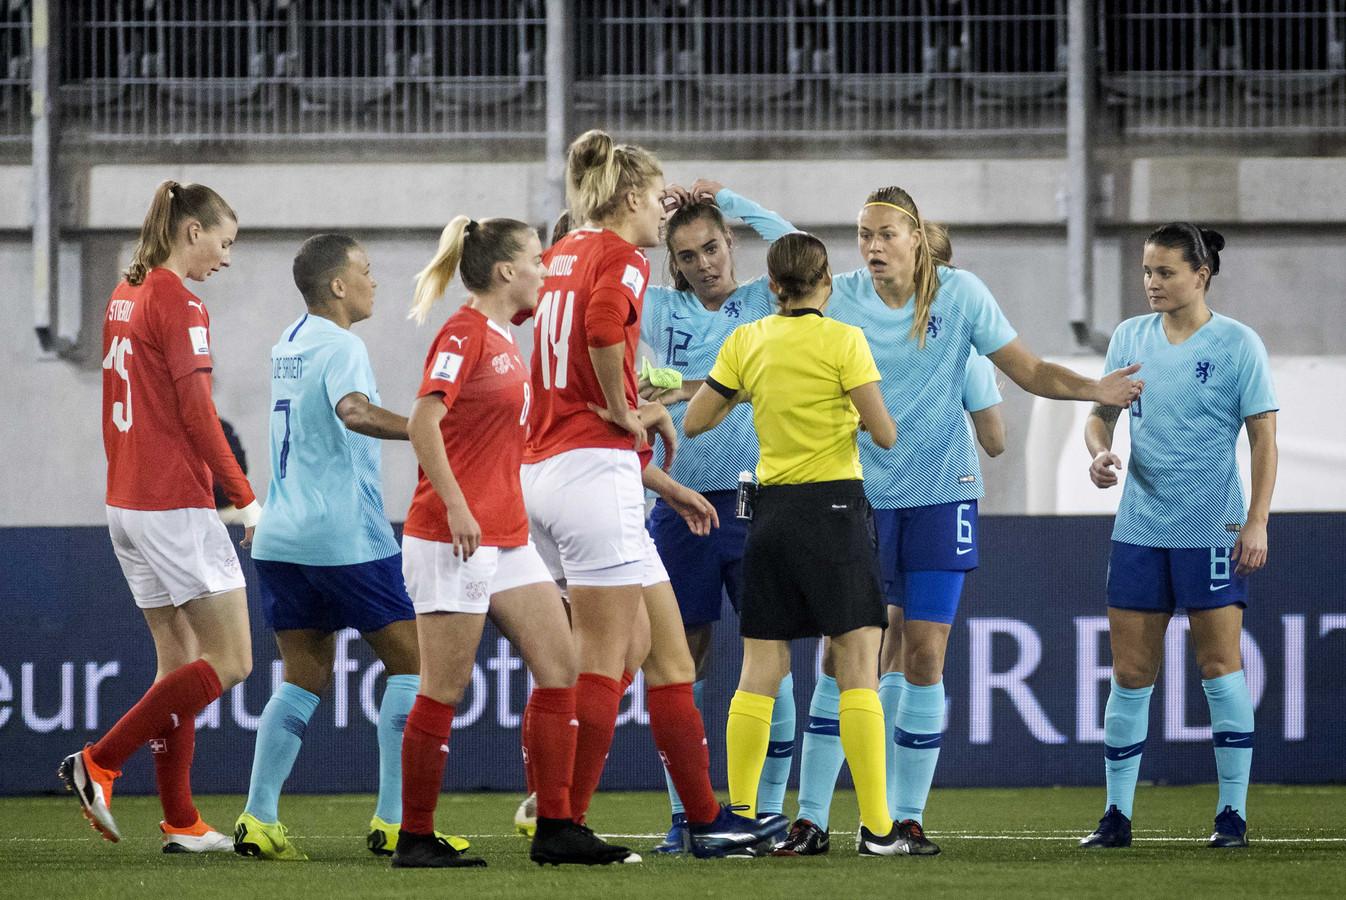 Jill Roord (12) ziet toe hoe Anouk Dekker zojuist een rode kaart heeft gekregen. Enkele minuten later moest Roord zelf ook van het veld af, om plaats te maken voor Merel van Dongen.